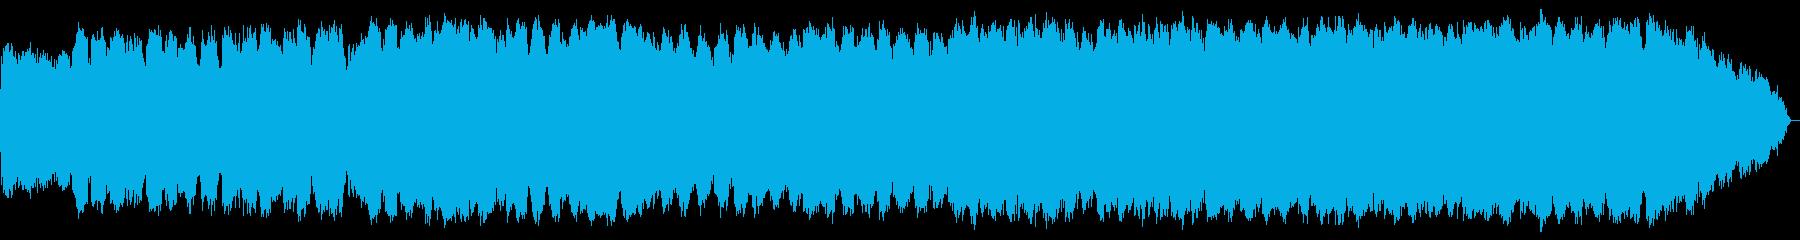 哀愁ある笛のゆったりとした音楽の再生済みの波形